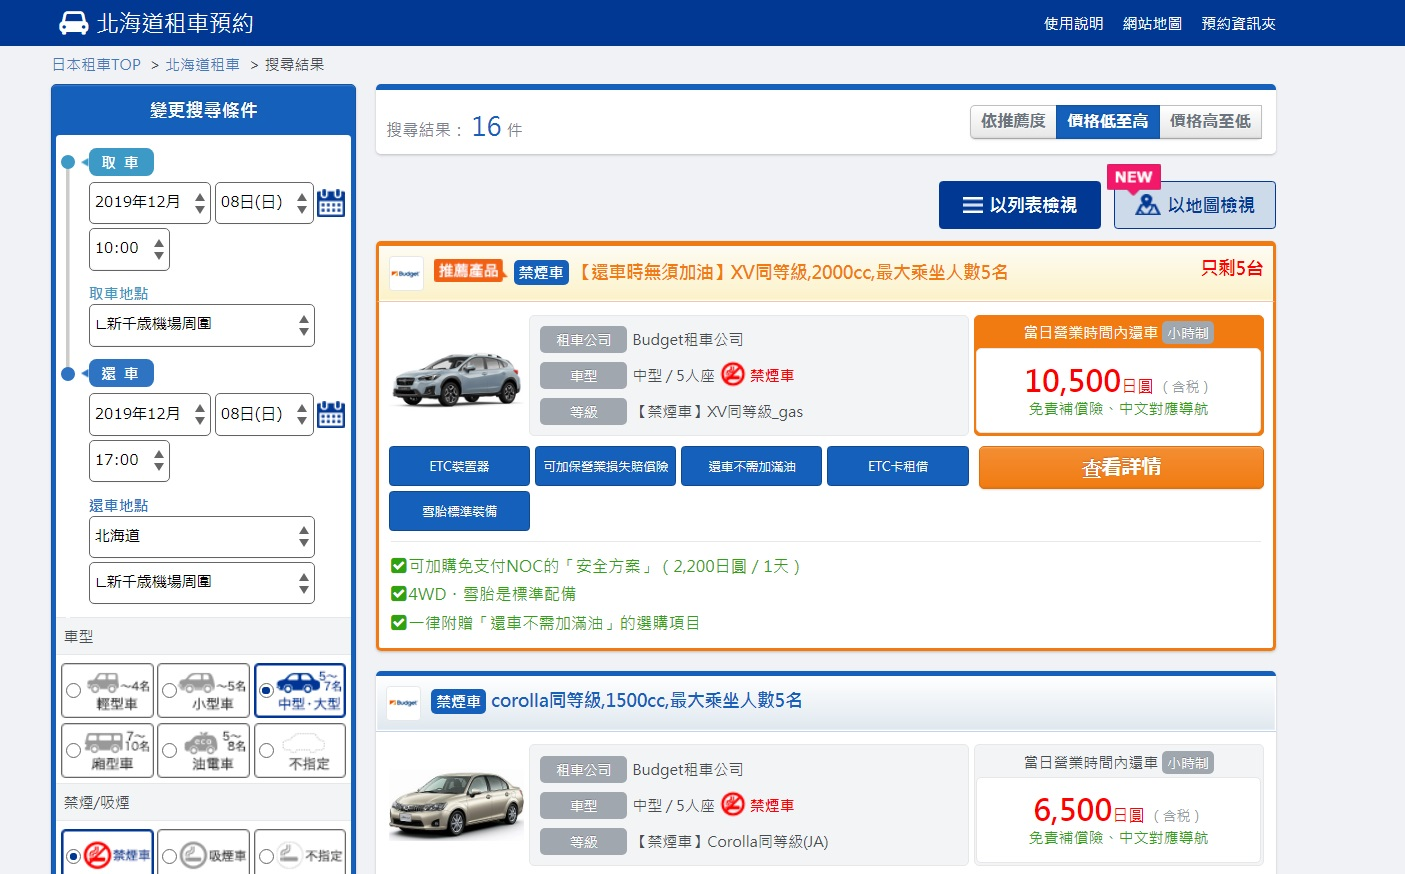 活動發布-旅來網Tabirai-日本租車自駕看過來,價格平價又保險    (邀約) @民宿女王芽月-美食.旅遊.全台趴趴走